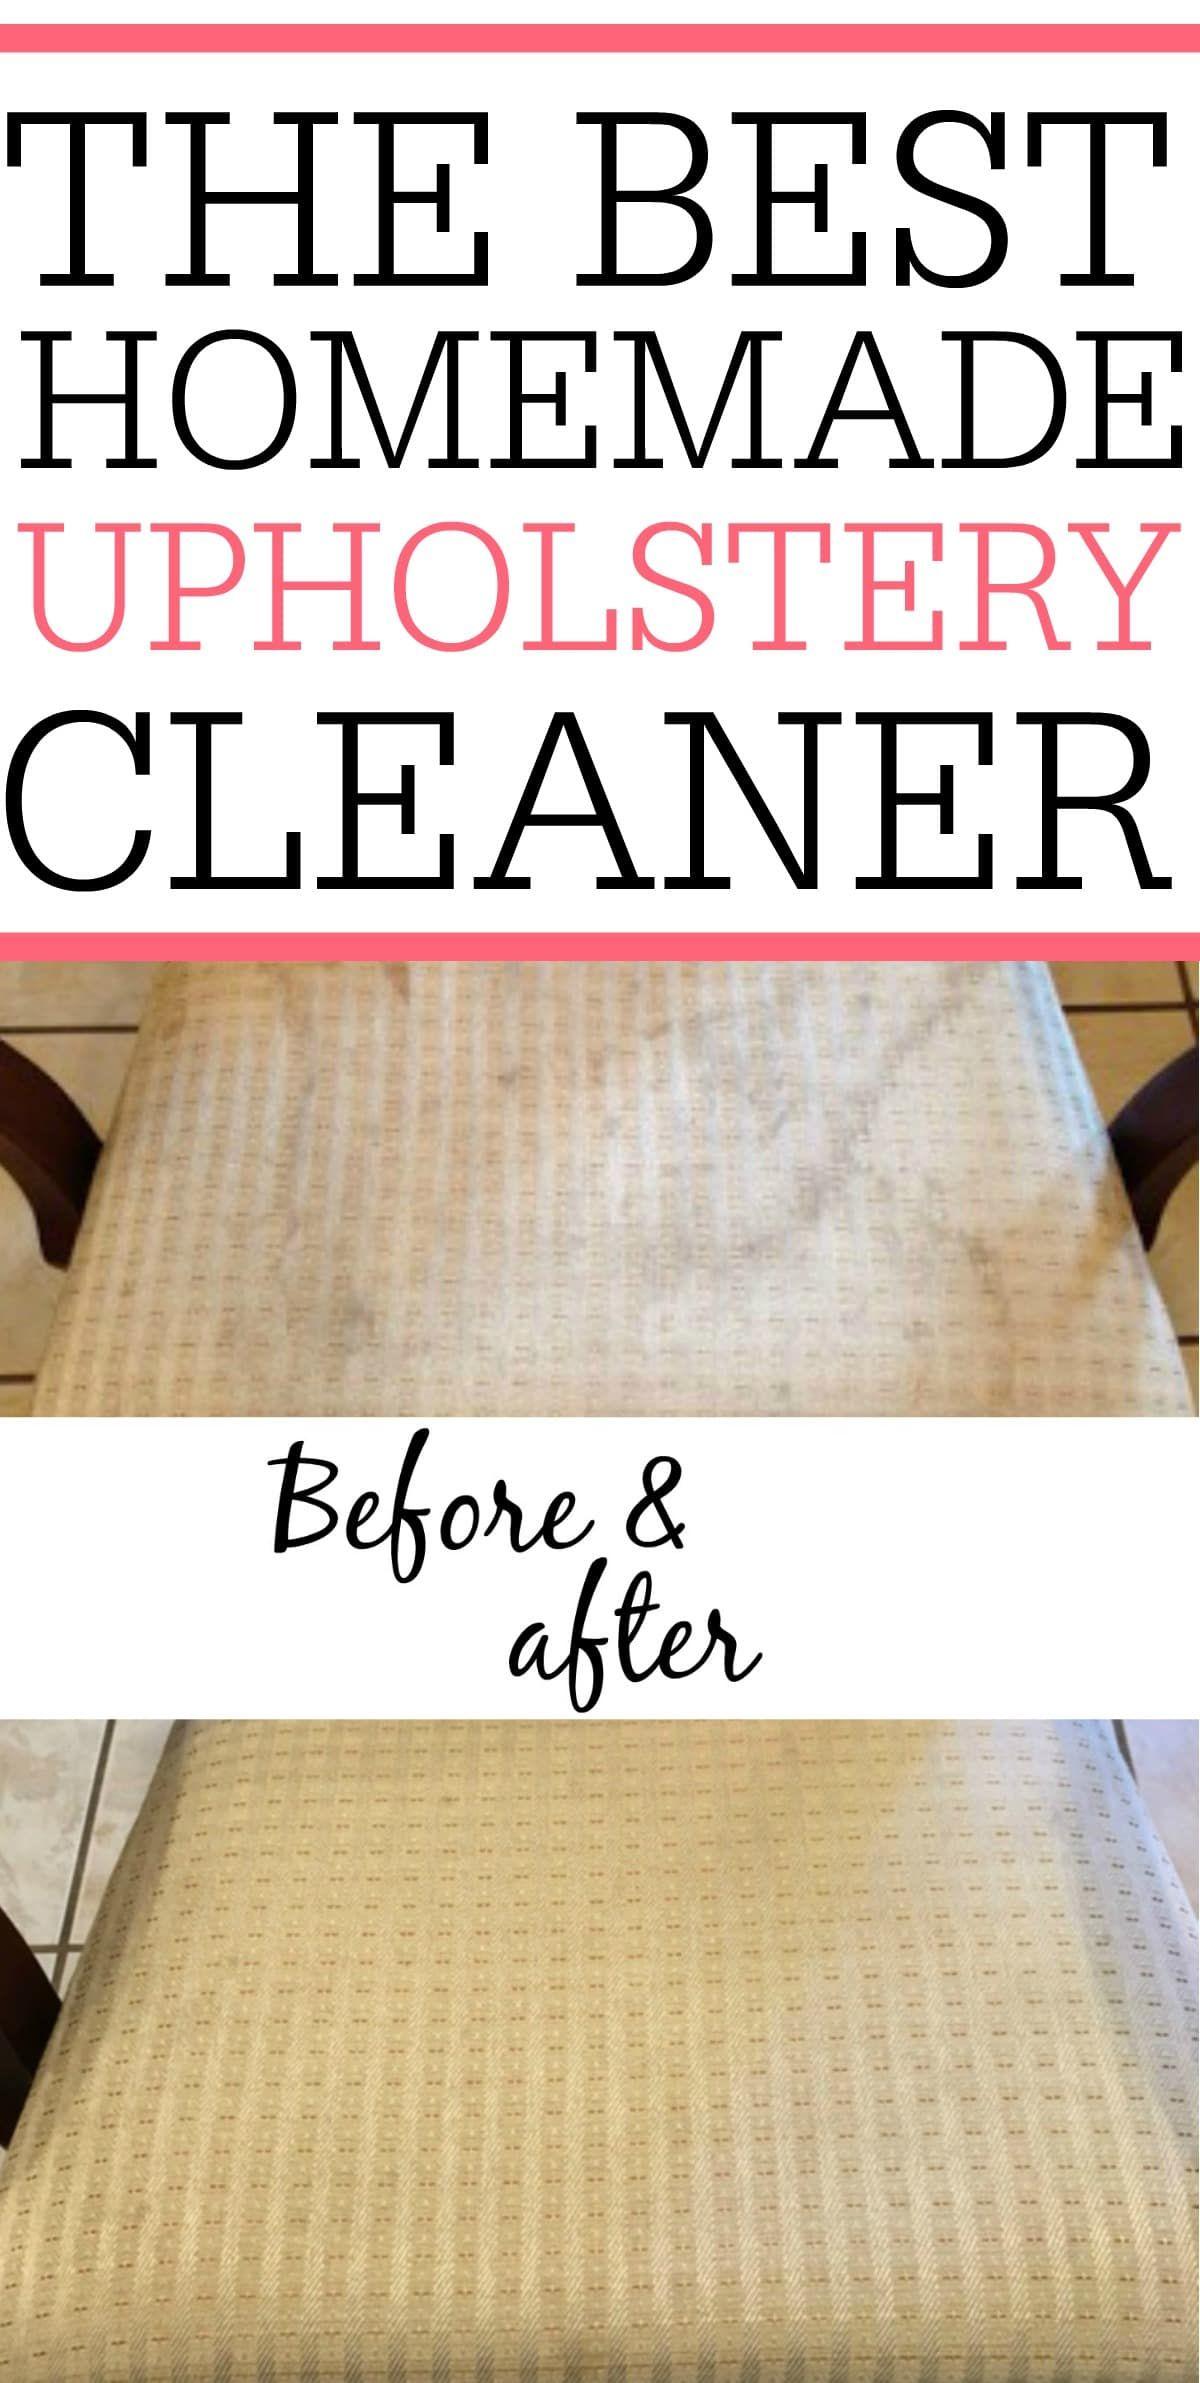 homemade upholstery cleaner homemade cleaning etc ideas rh pinterest com